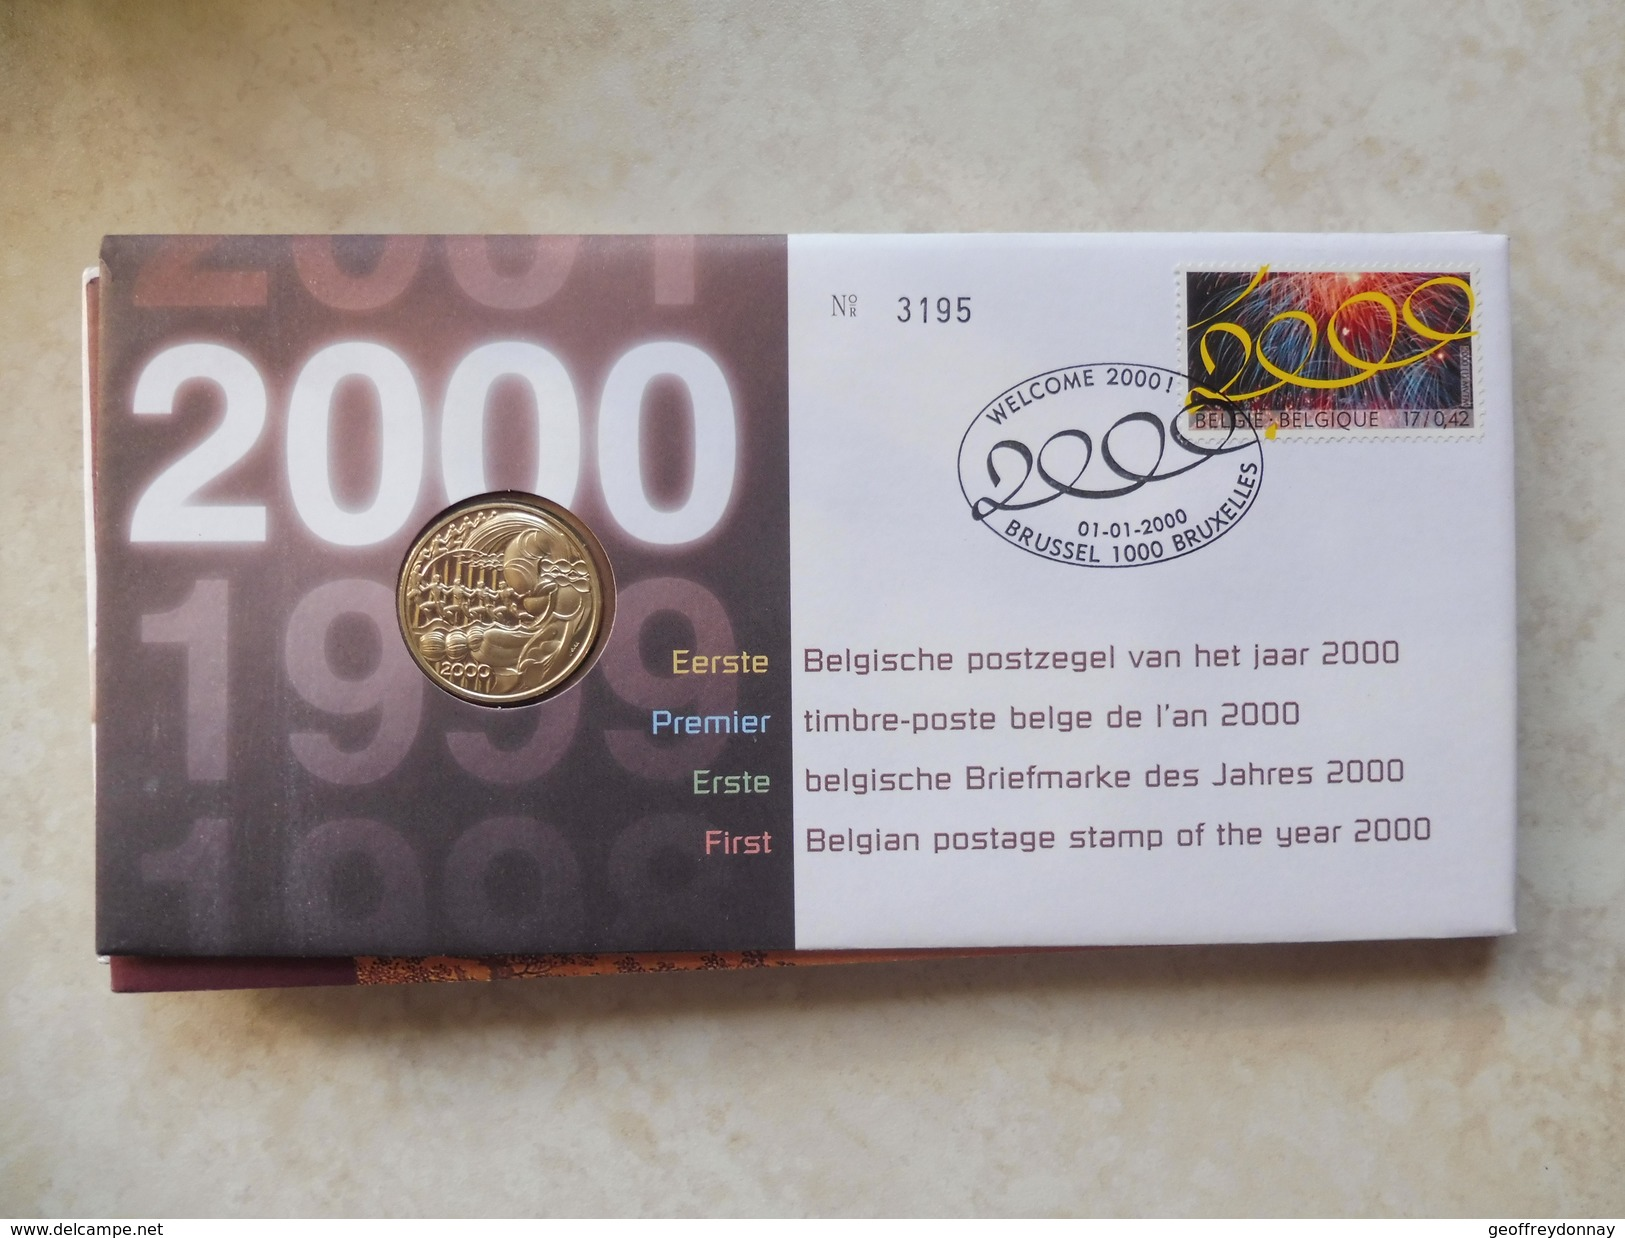 Enveloppe Numismatique Belgique Belgie Premier Timbre Poste De L'an 2000 - Belgique